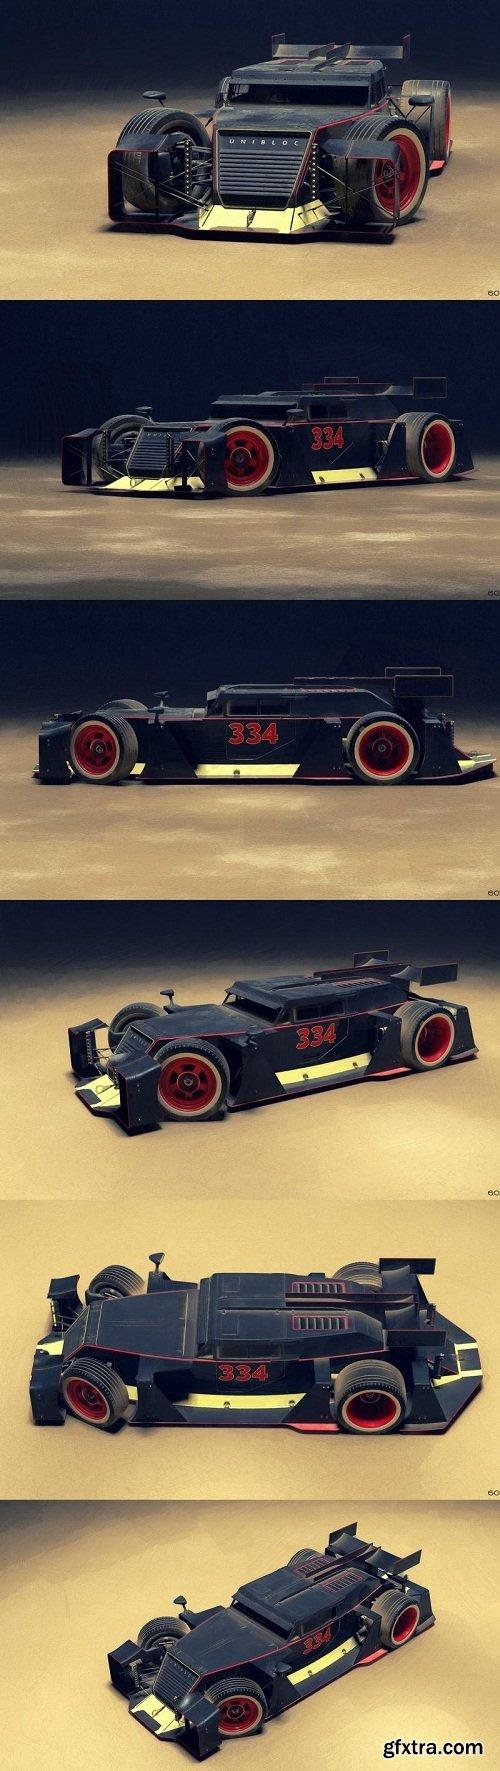 Unibloc Rat Racer Concept Vehicle 3D Model